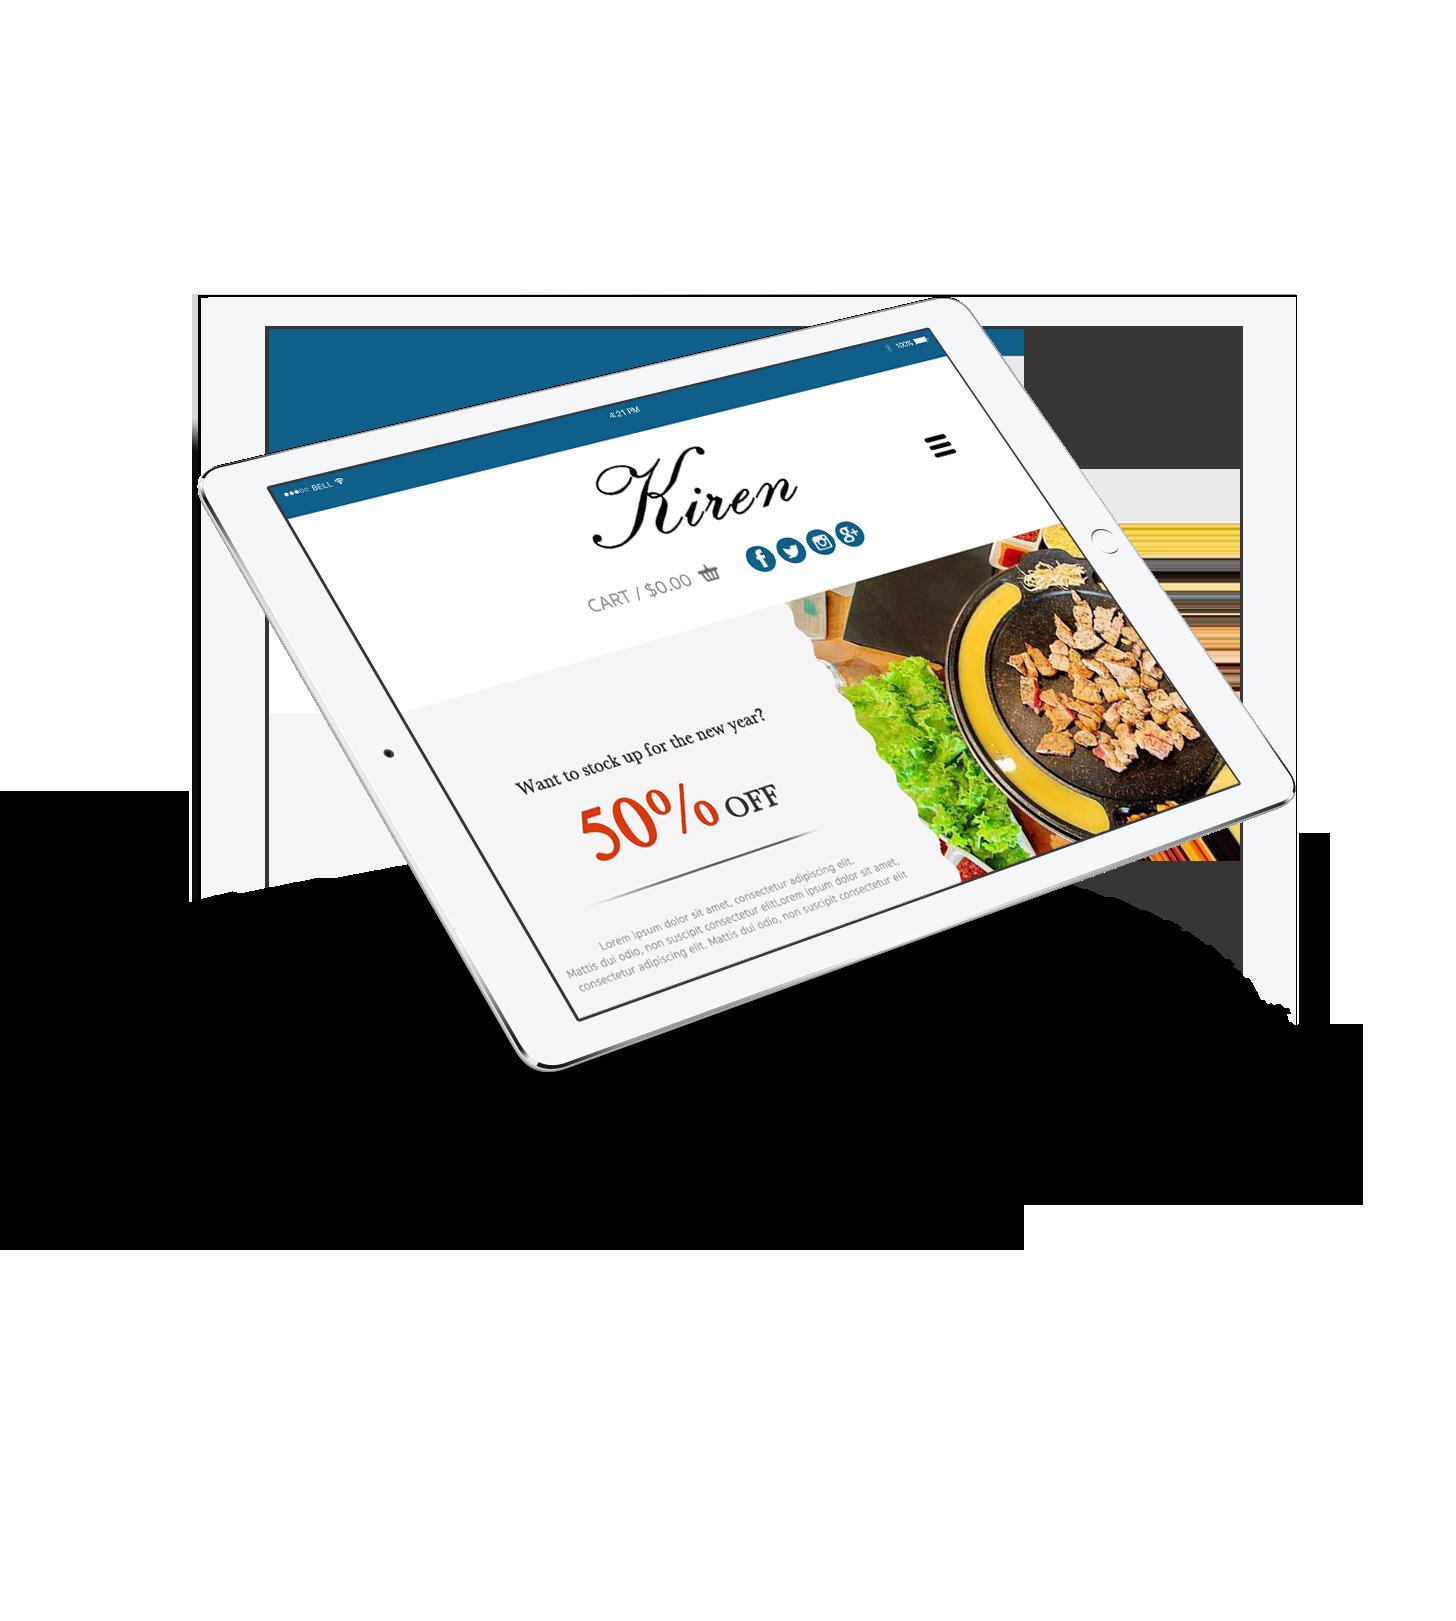 kiren_iPad